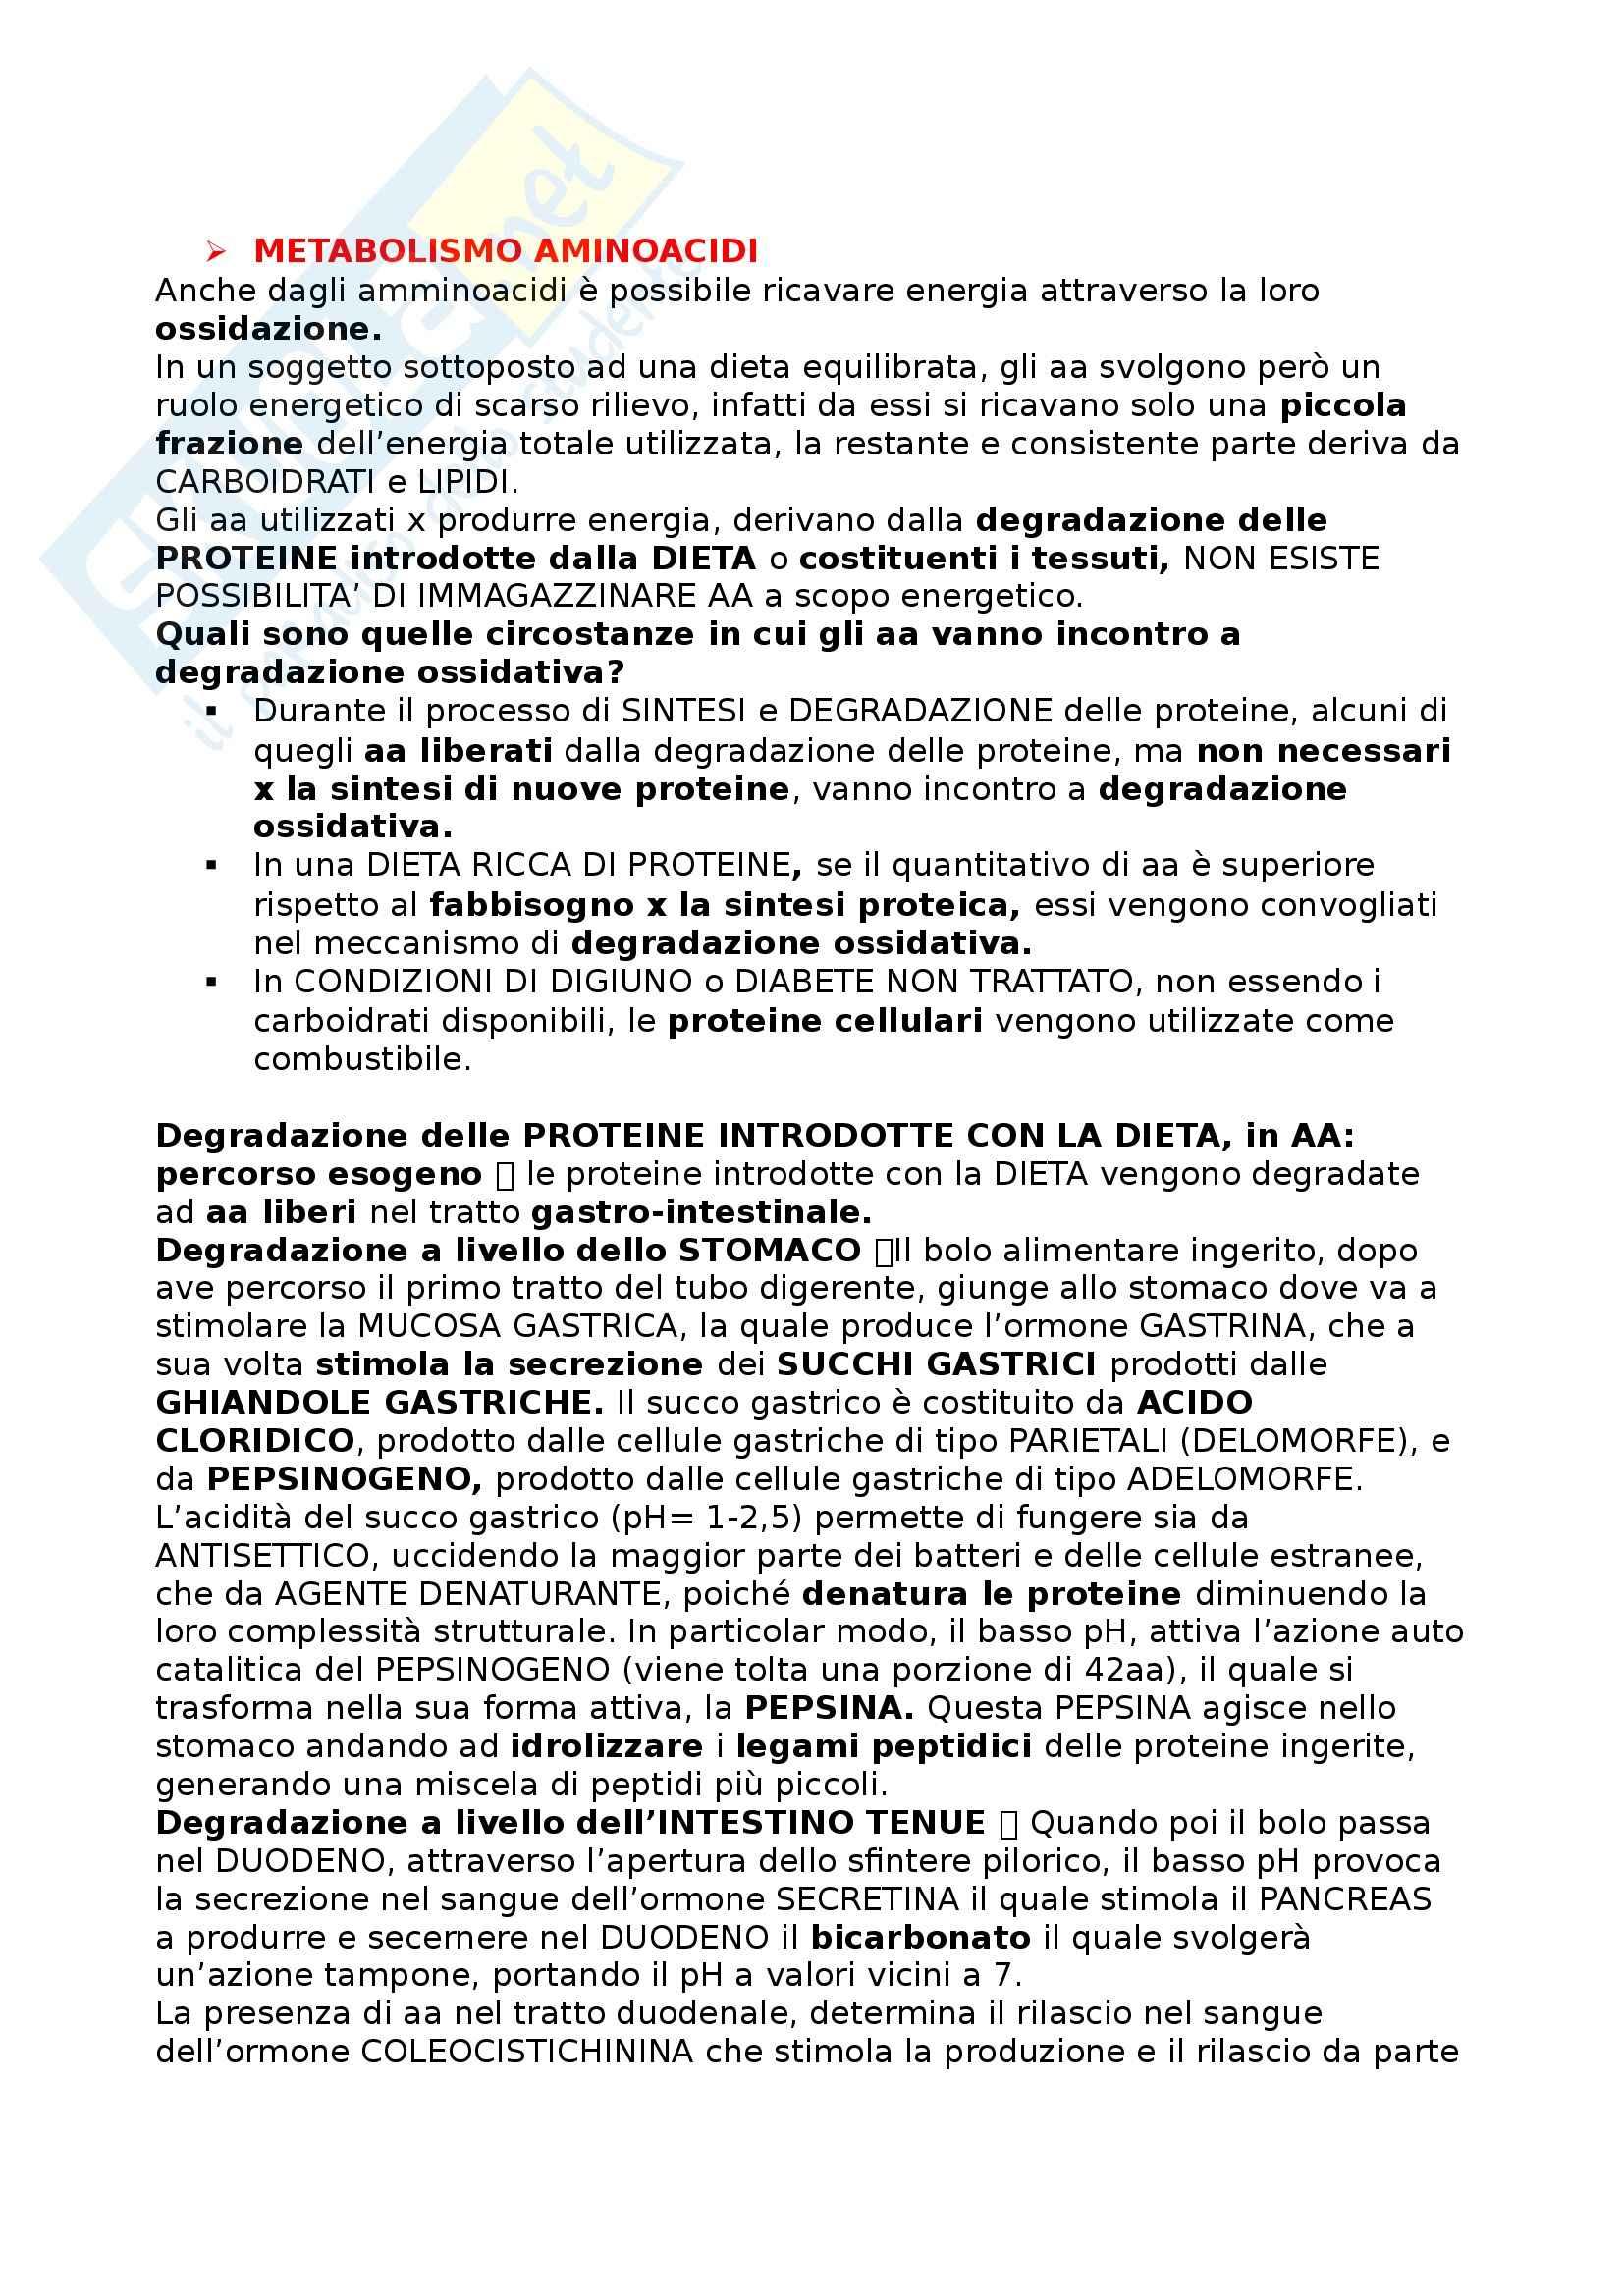 Biochimica II - Appunti Pag. 26